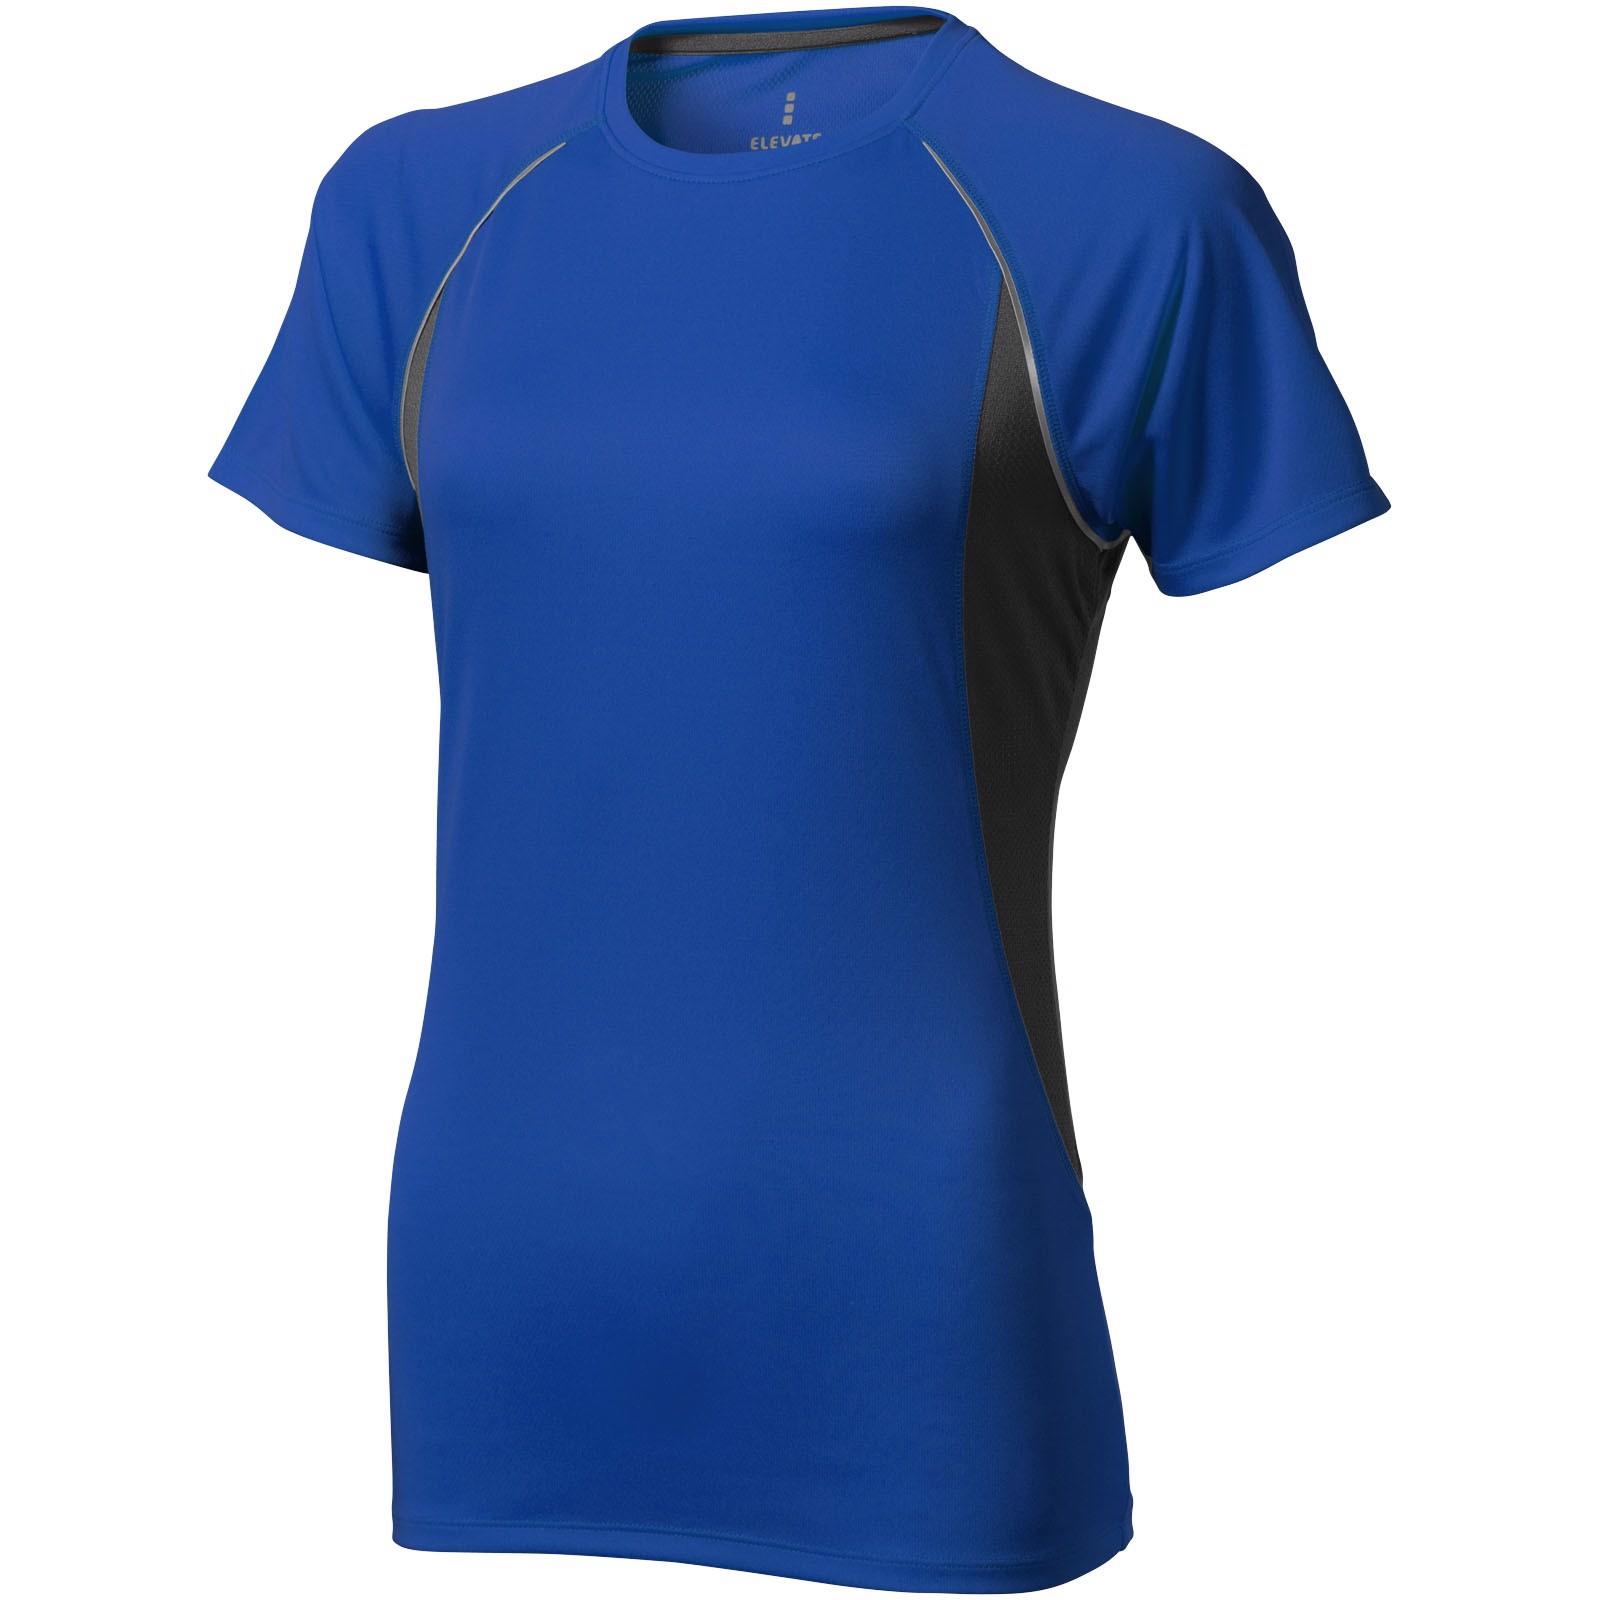 Dámské Tričko Quebec s krátkým rukávem, cool fit - Modrá / Anthracitová / XS